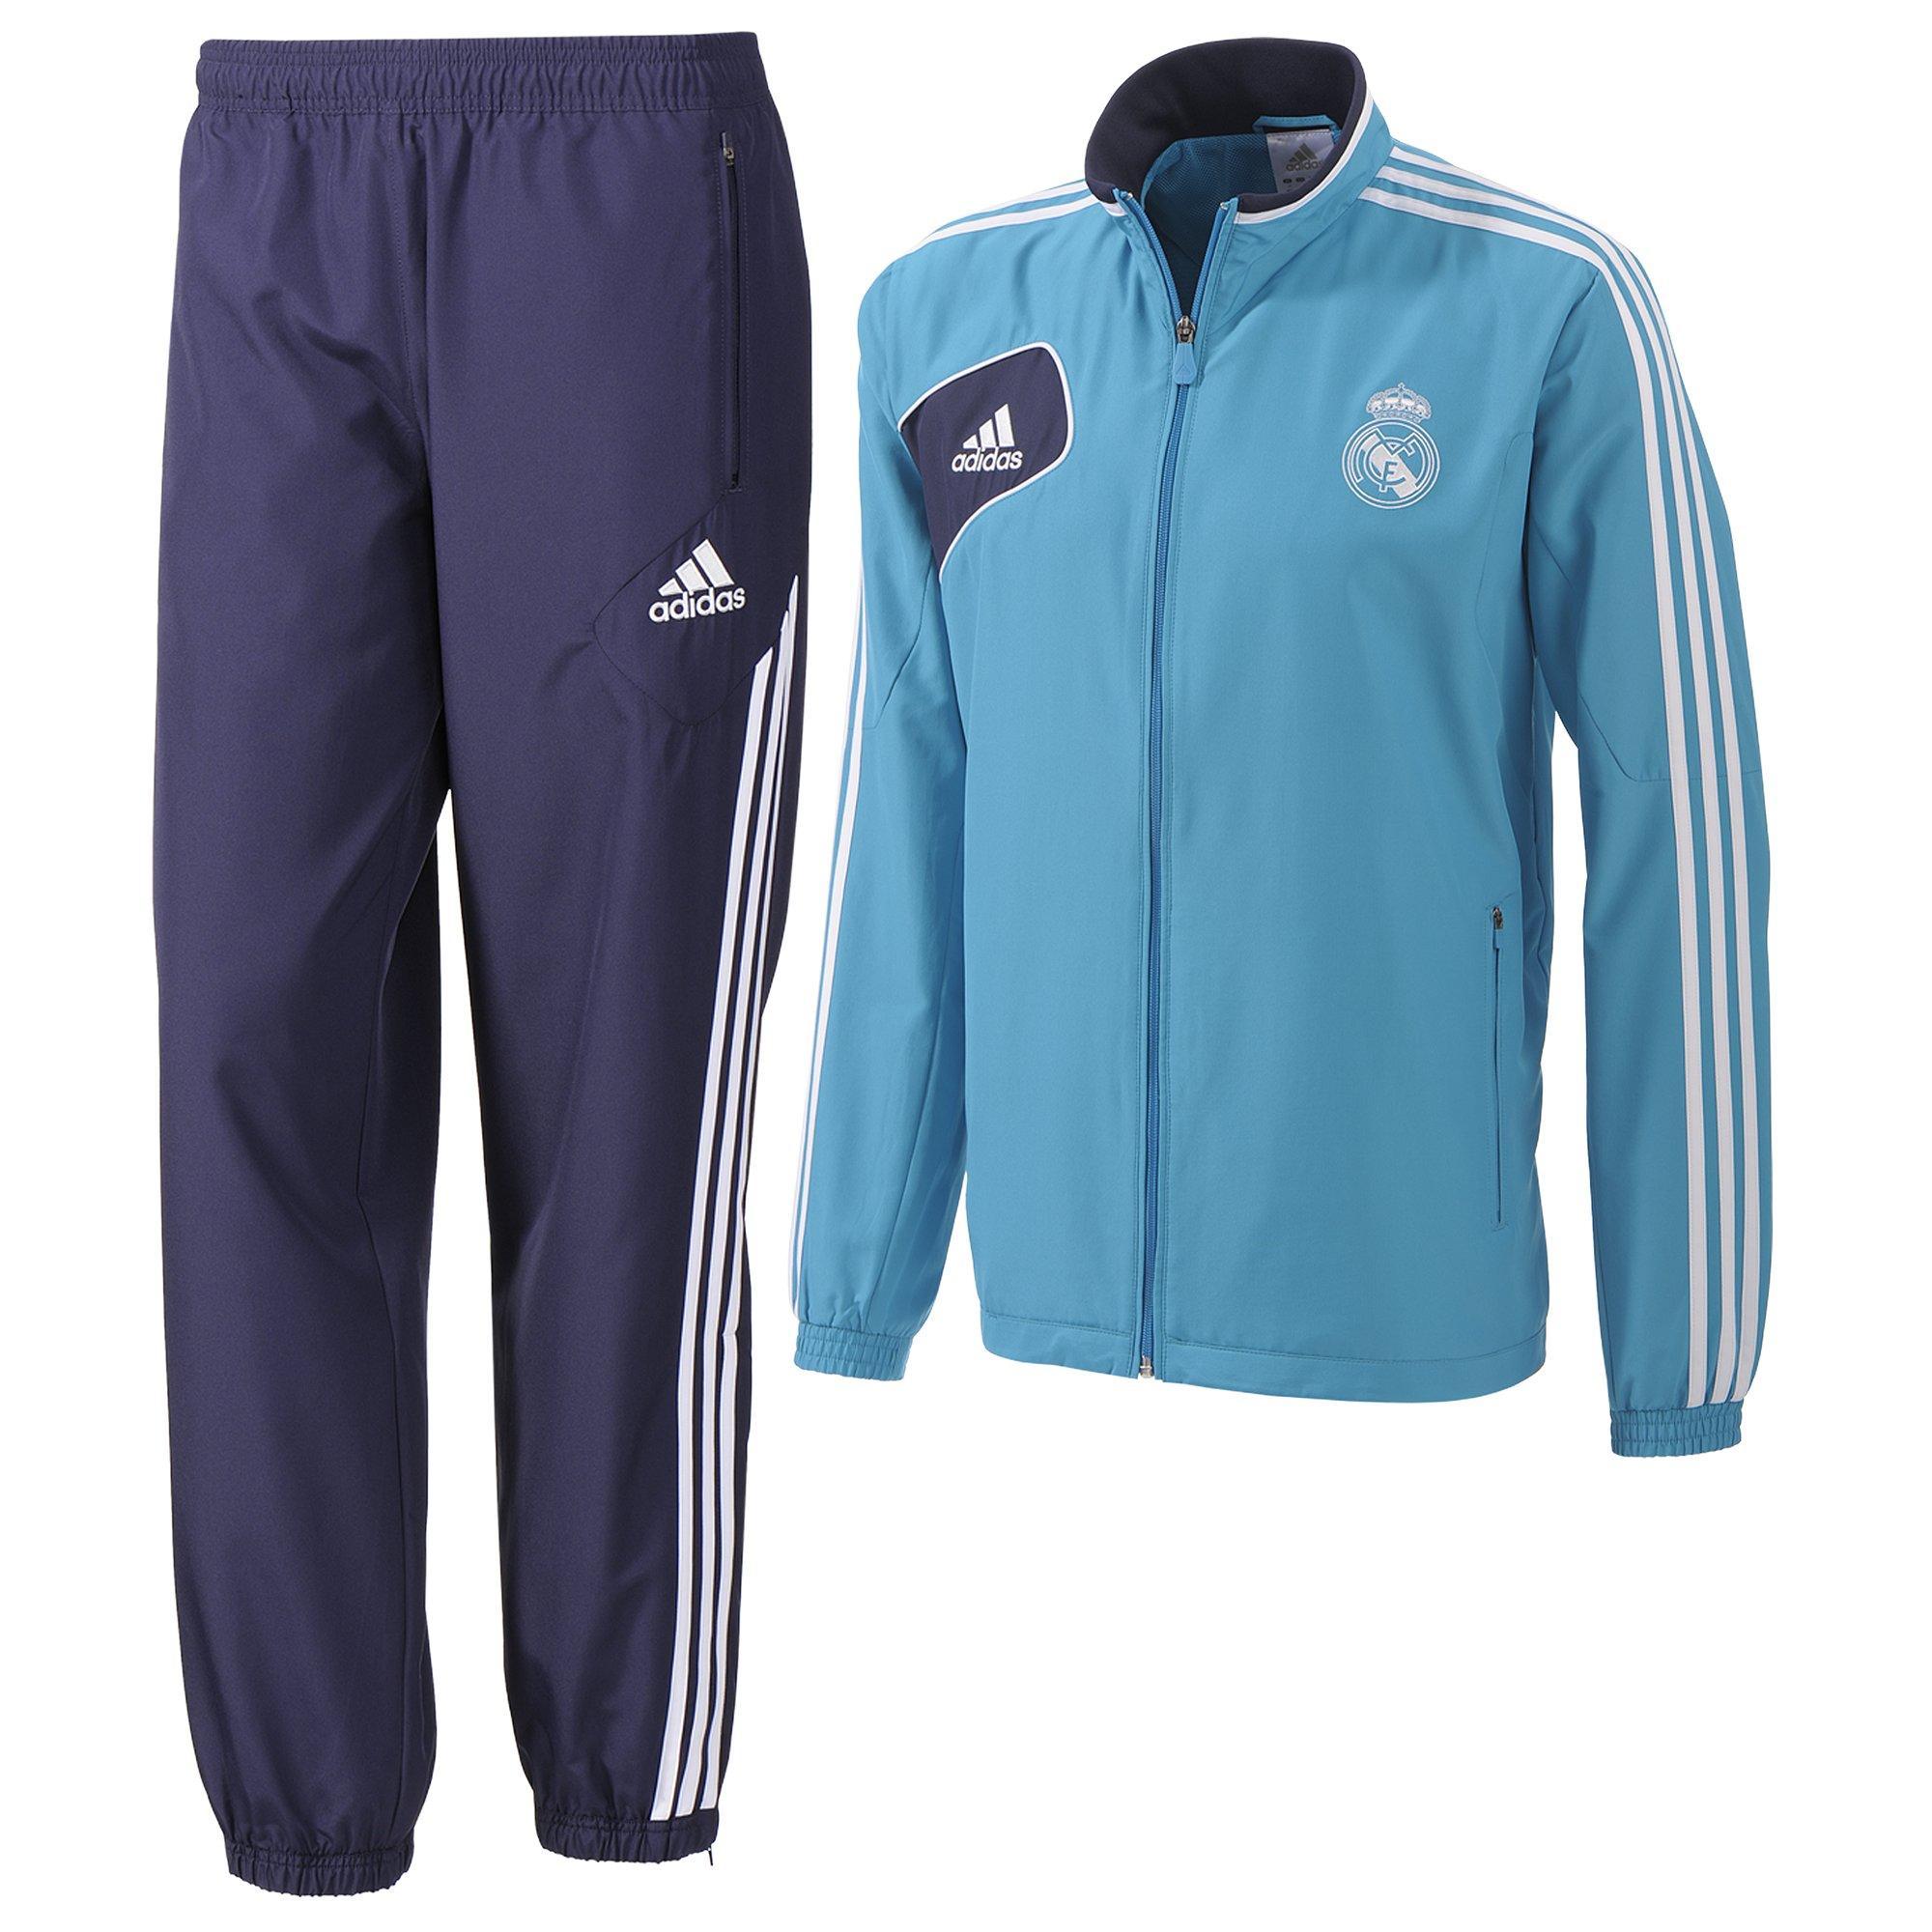 Футбольный спортивный костюм парадный Реал Мадрид ADIDAS. 8f46d902b5b